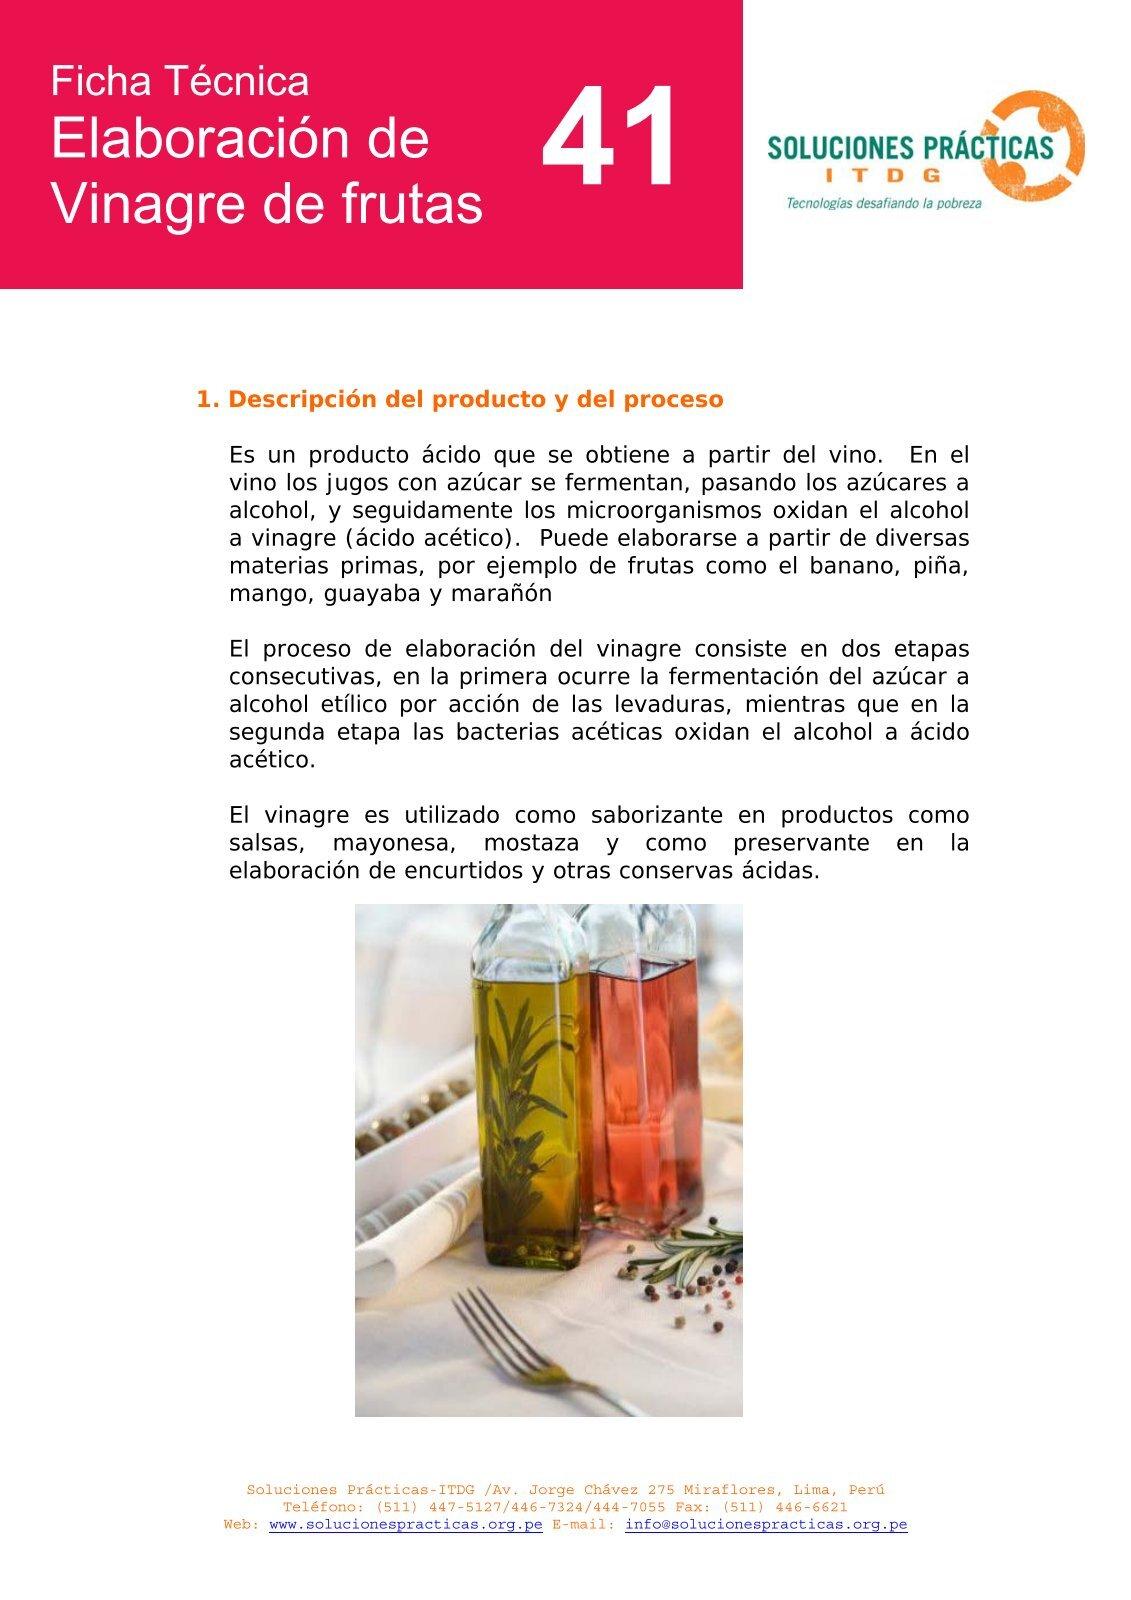 Elaboración de vinagre.pdf - Soluciones Prácticas